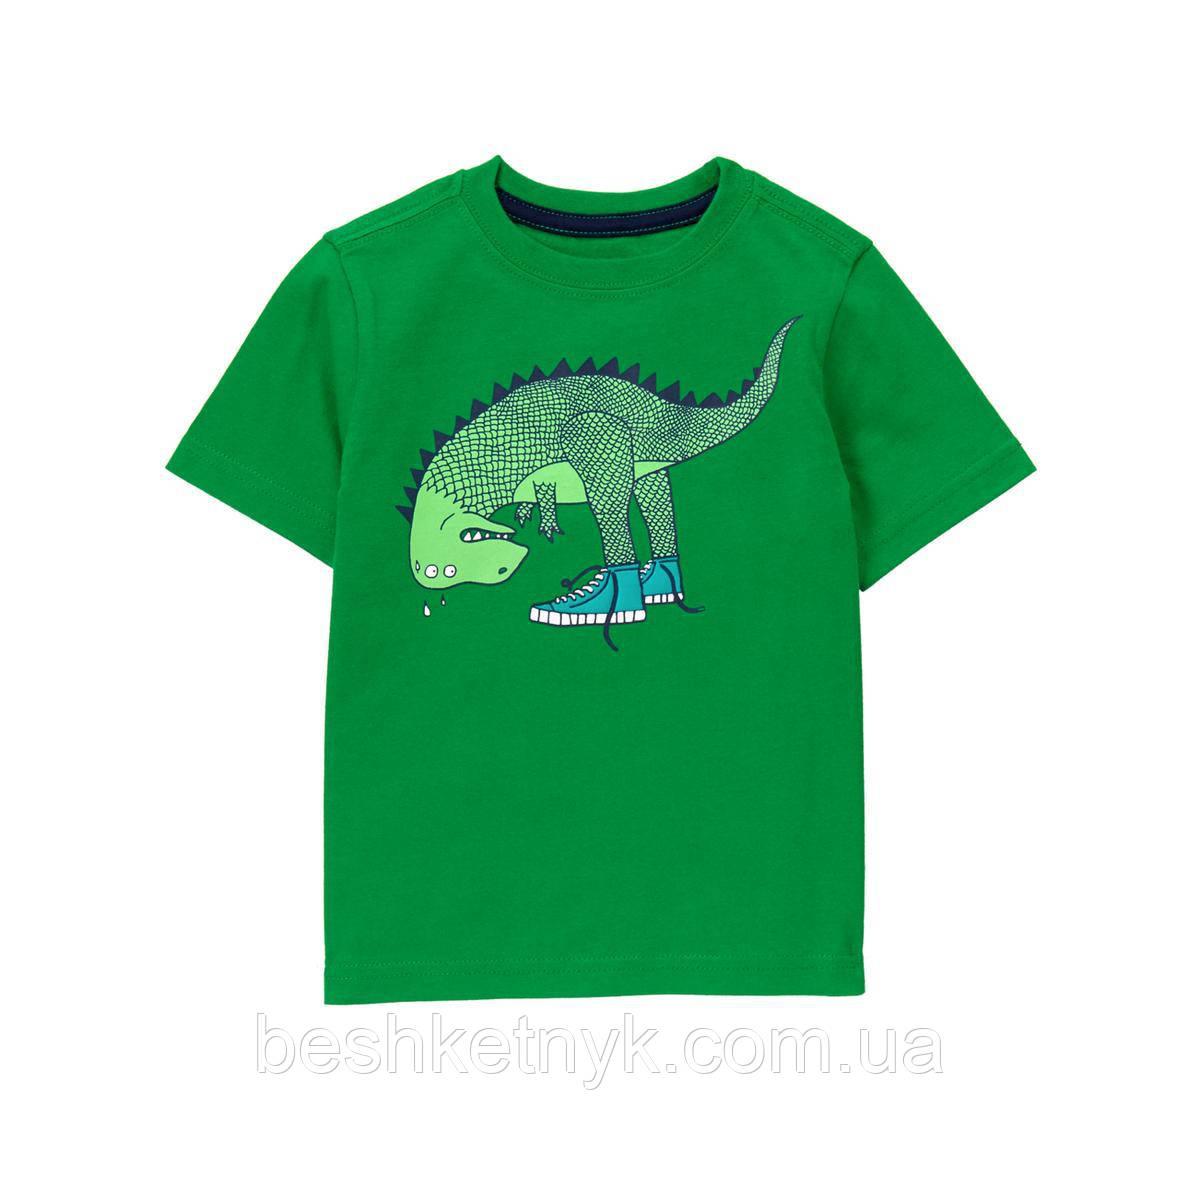 Футболка Gymboree - Динозаврик